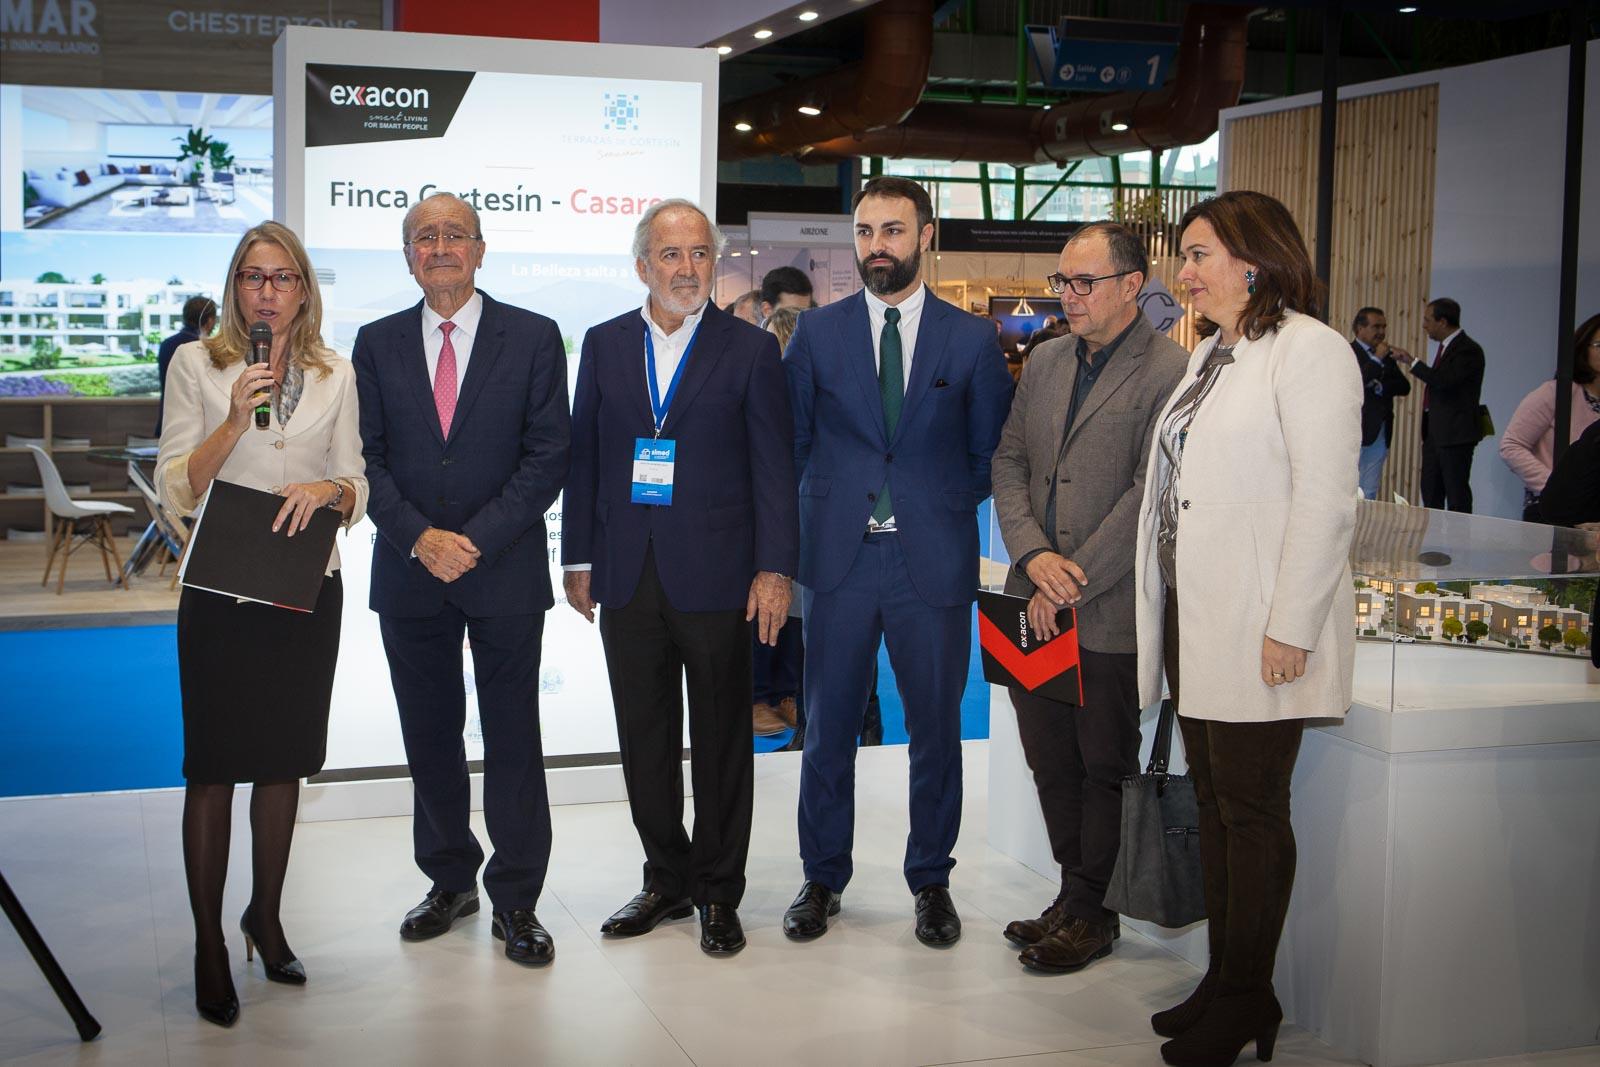 Promotora Exxacon premia al arte en Málaga durante el Simed